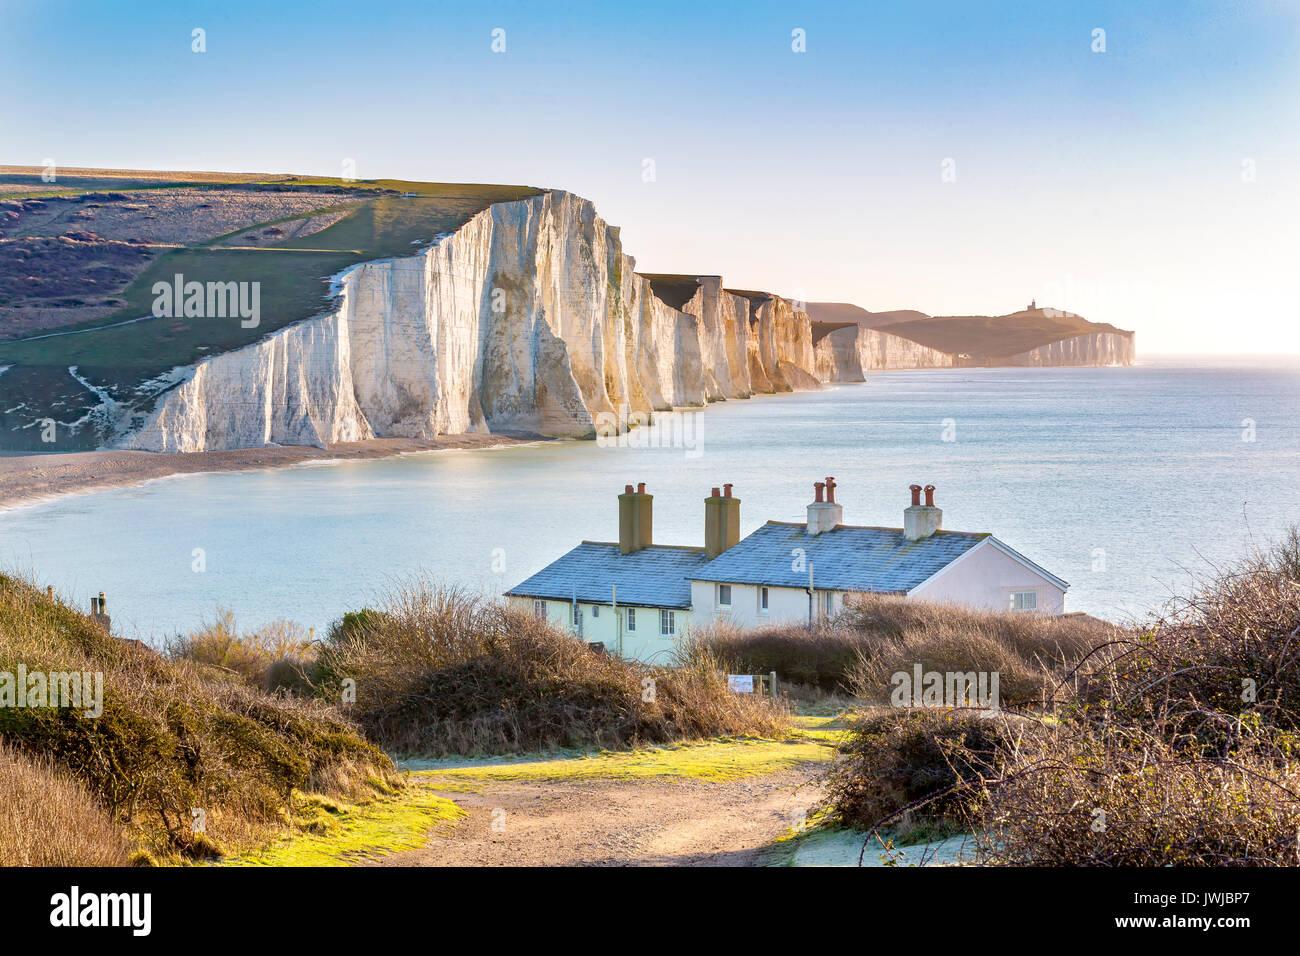 Die Küstenwache Cottages & Sieben Schwestern Kreidefelsen etwas außerhalb von Eastbourne, Sussex, England, UK. Stockbild